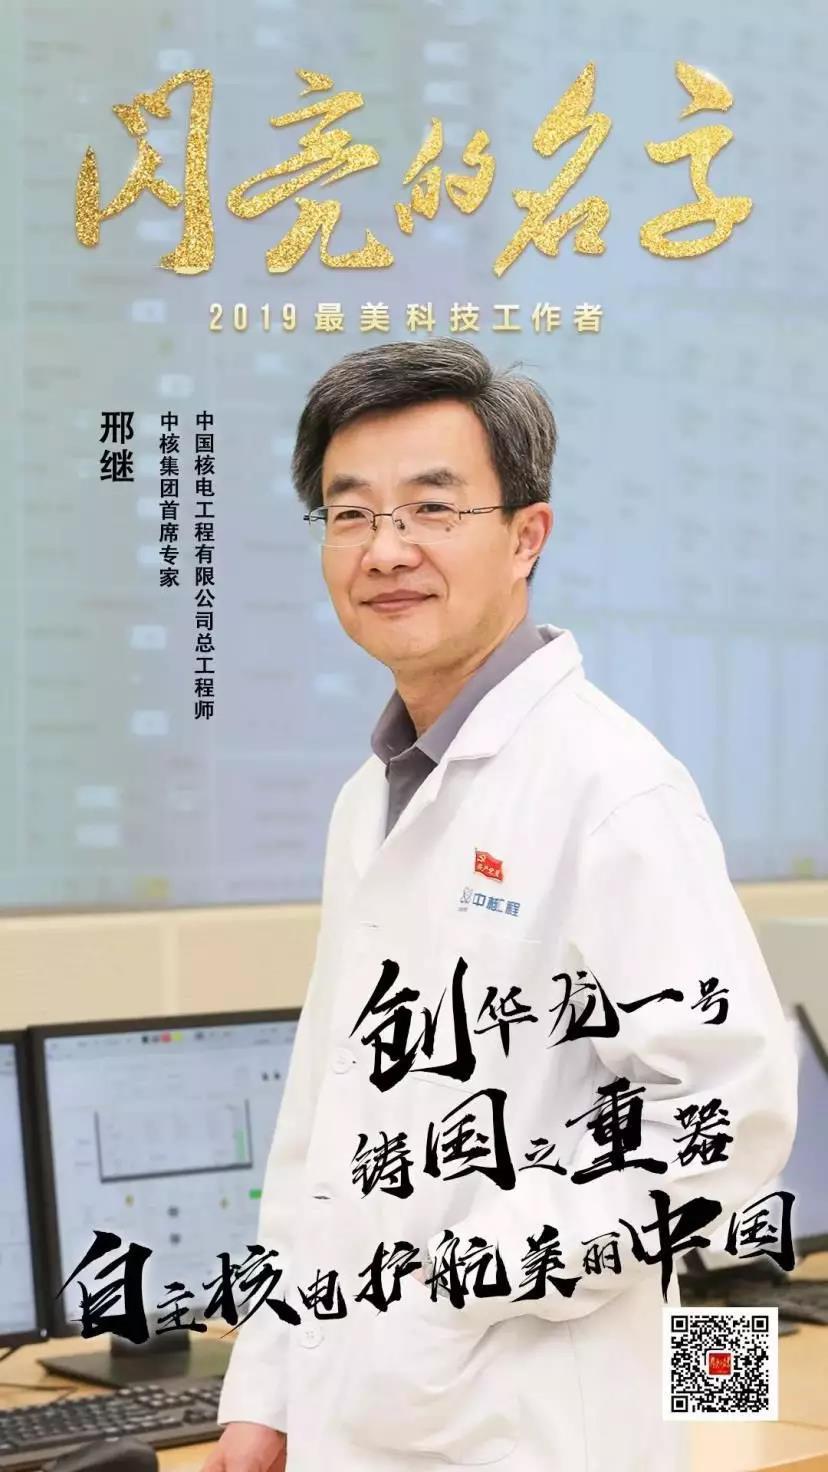 """中国核电发展了几十年,一直在""""跟跑"""",而邢继主持研发的""""华龙一号""""实现了""""并跑""""!这标志着我国压水堆核电技术实现了从引进、消化吸收到自主创新的跨越式发展,他为我国压水堆核电技术创建自主品牌、实现系列化和跨越式发展做出的突出贡献值得我们铭记。"""